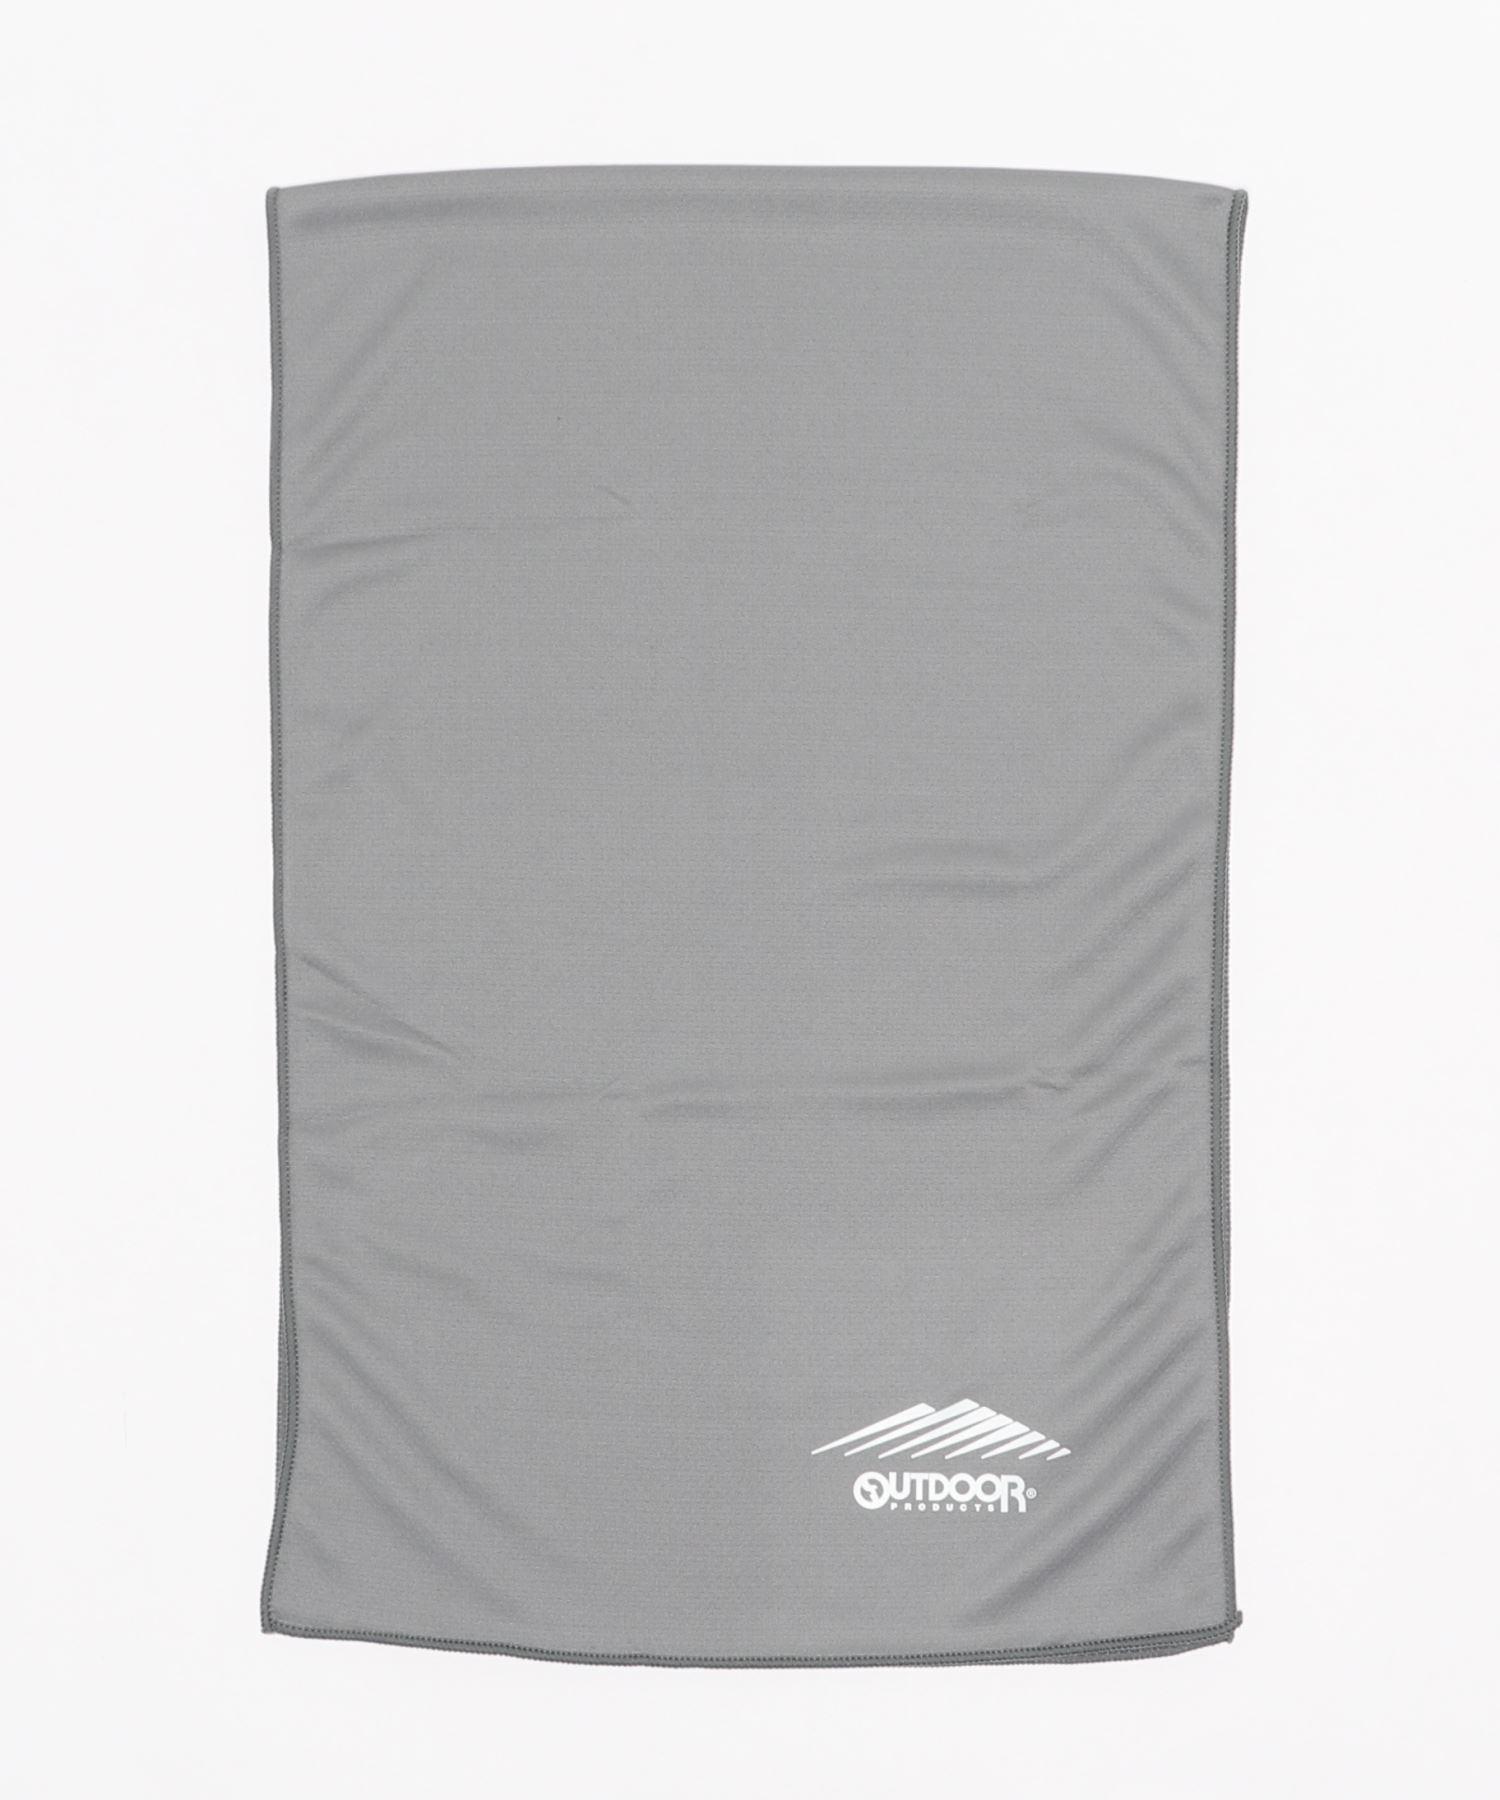 スーパークールタオル 濡らして振れば冷たくなるクールなタオル  UPF50+